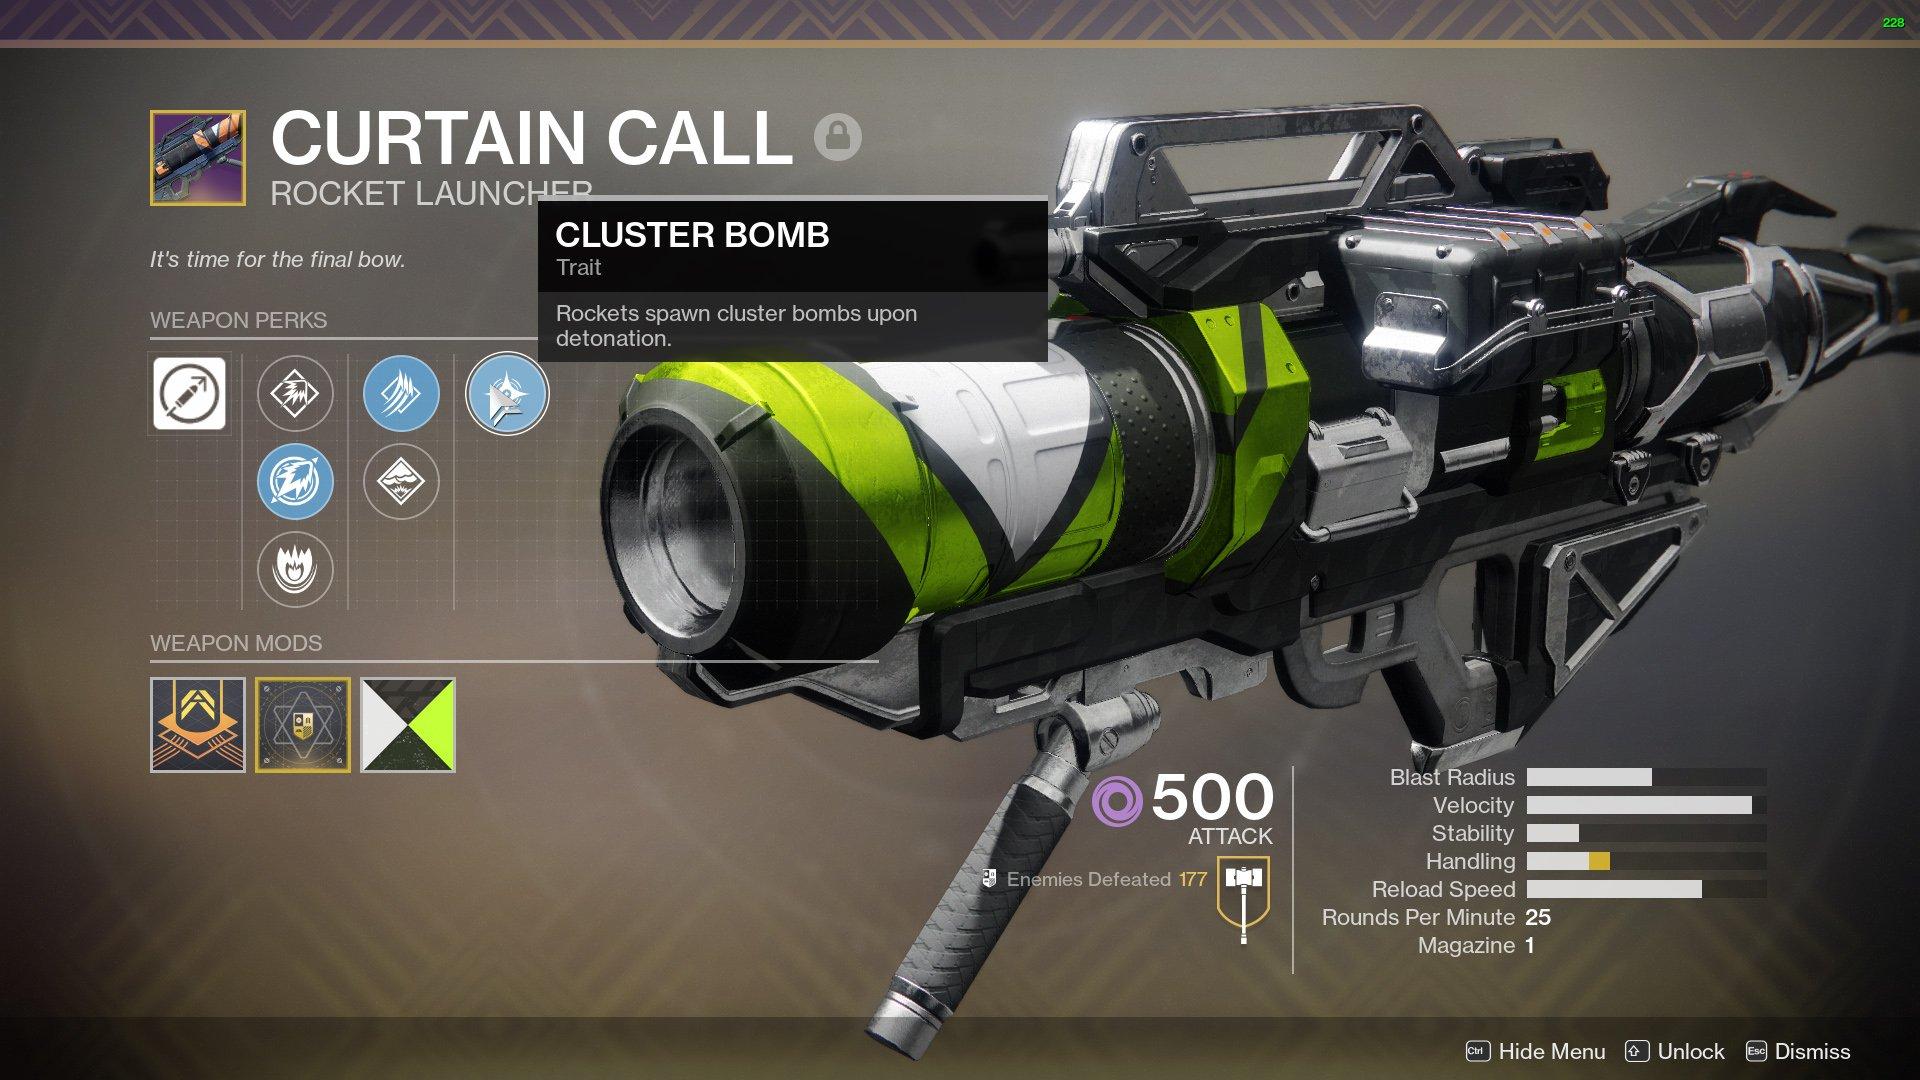 Curtain Call Destiny 2